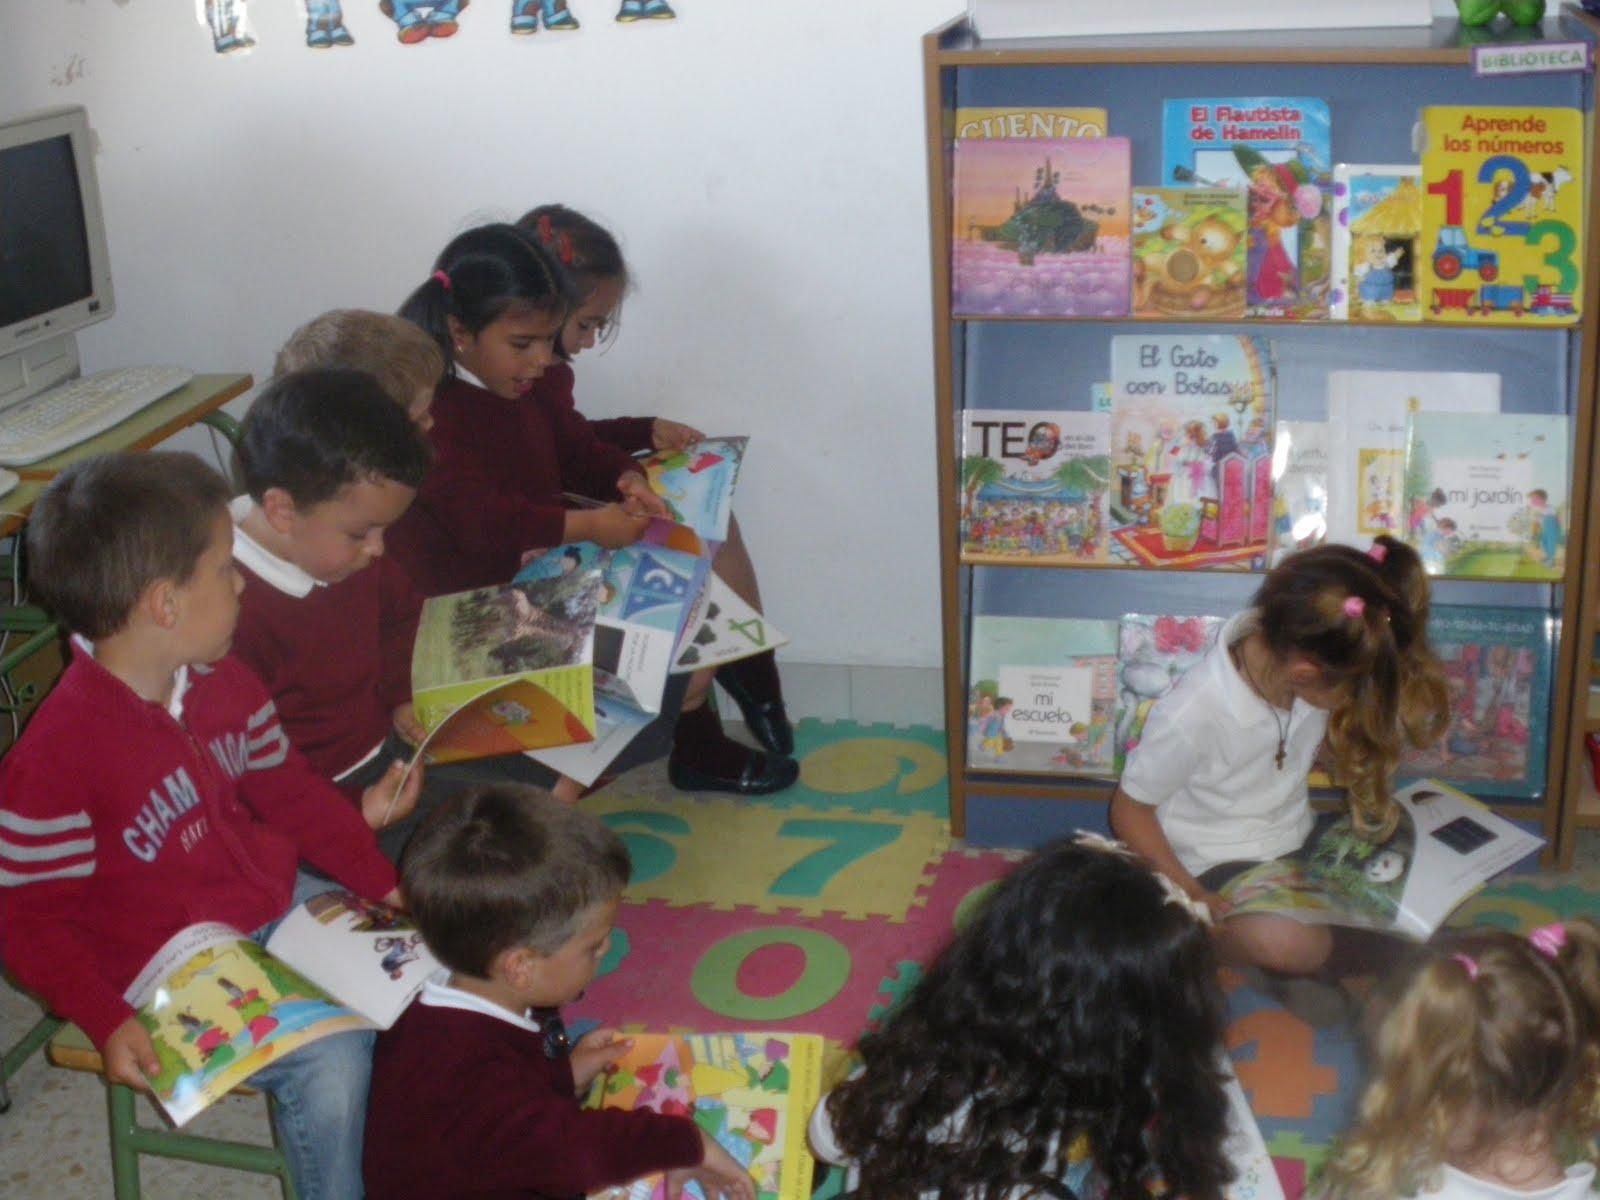 La lectura en educaci n infantil nuestro rinc n para la for El rincon de la lectura